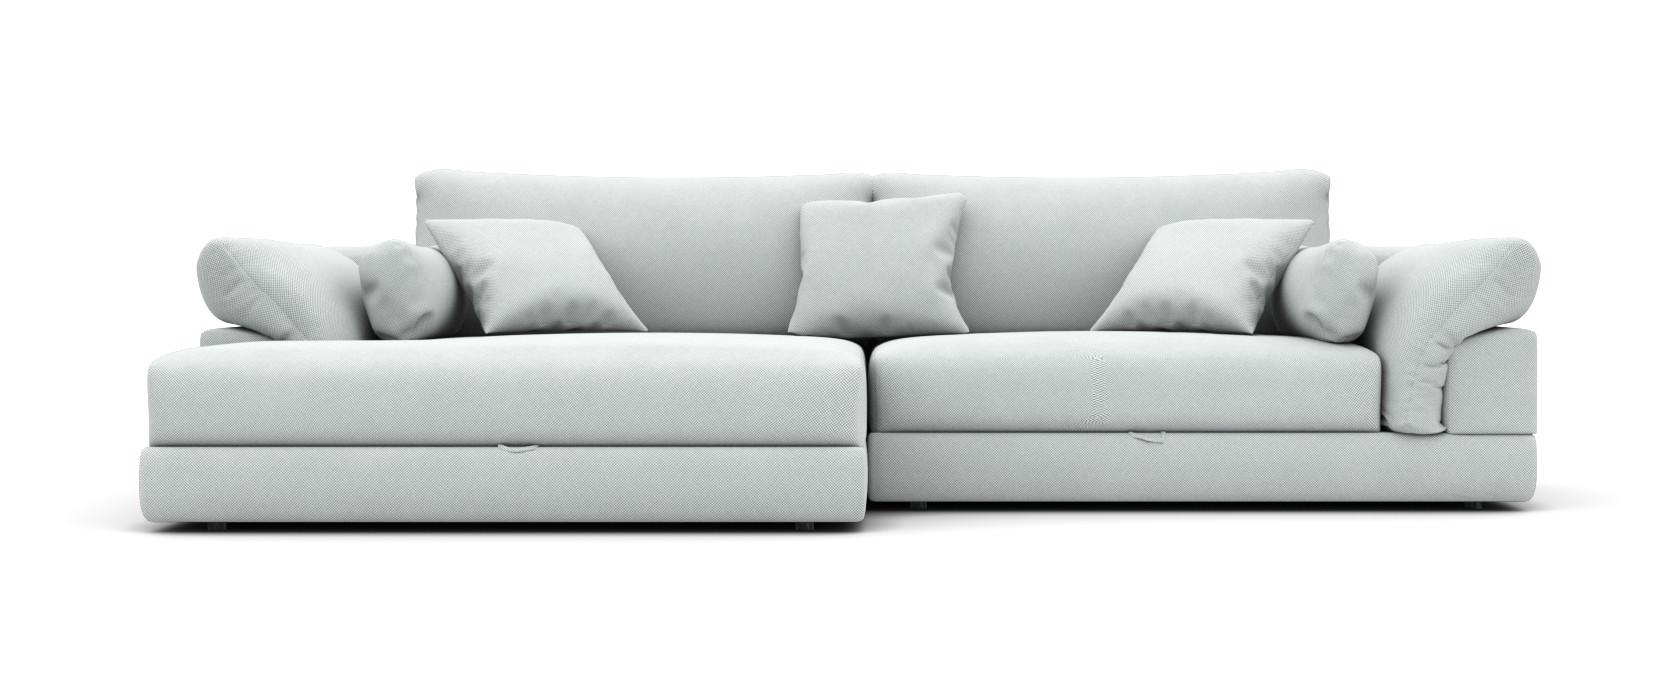 Угловой диван Claudia - Pufetto